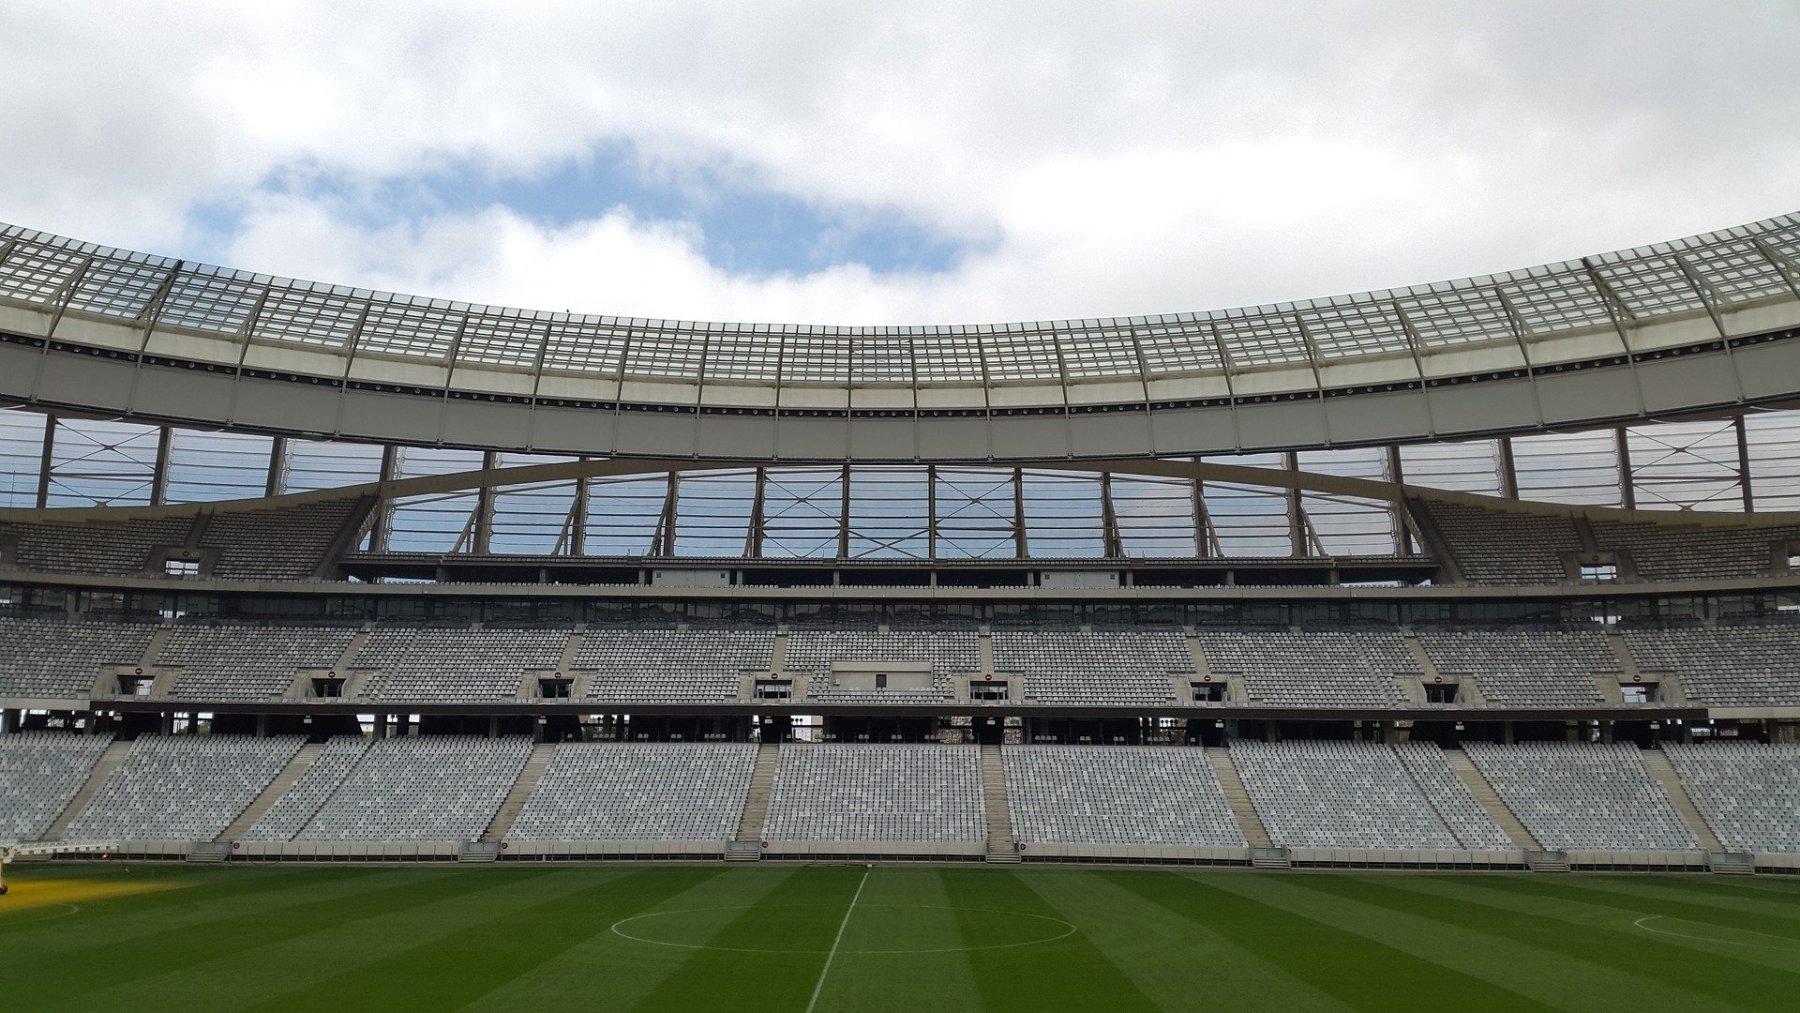 stadium-1082235 1920